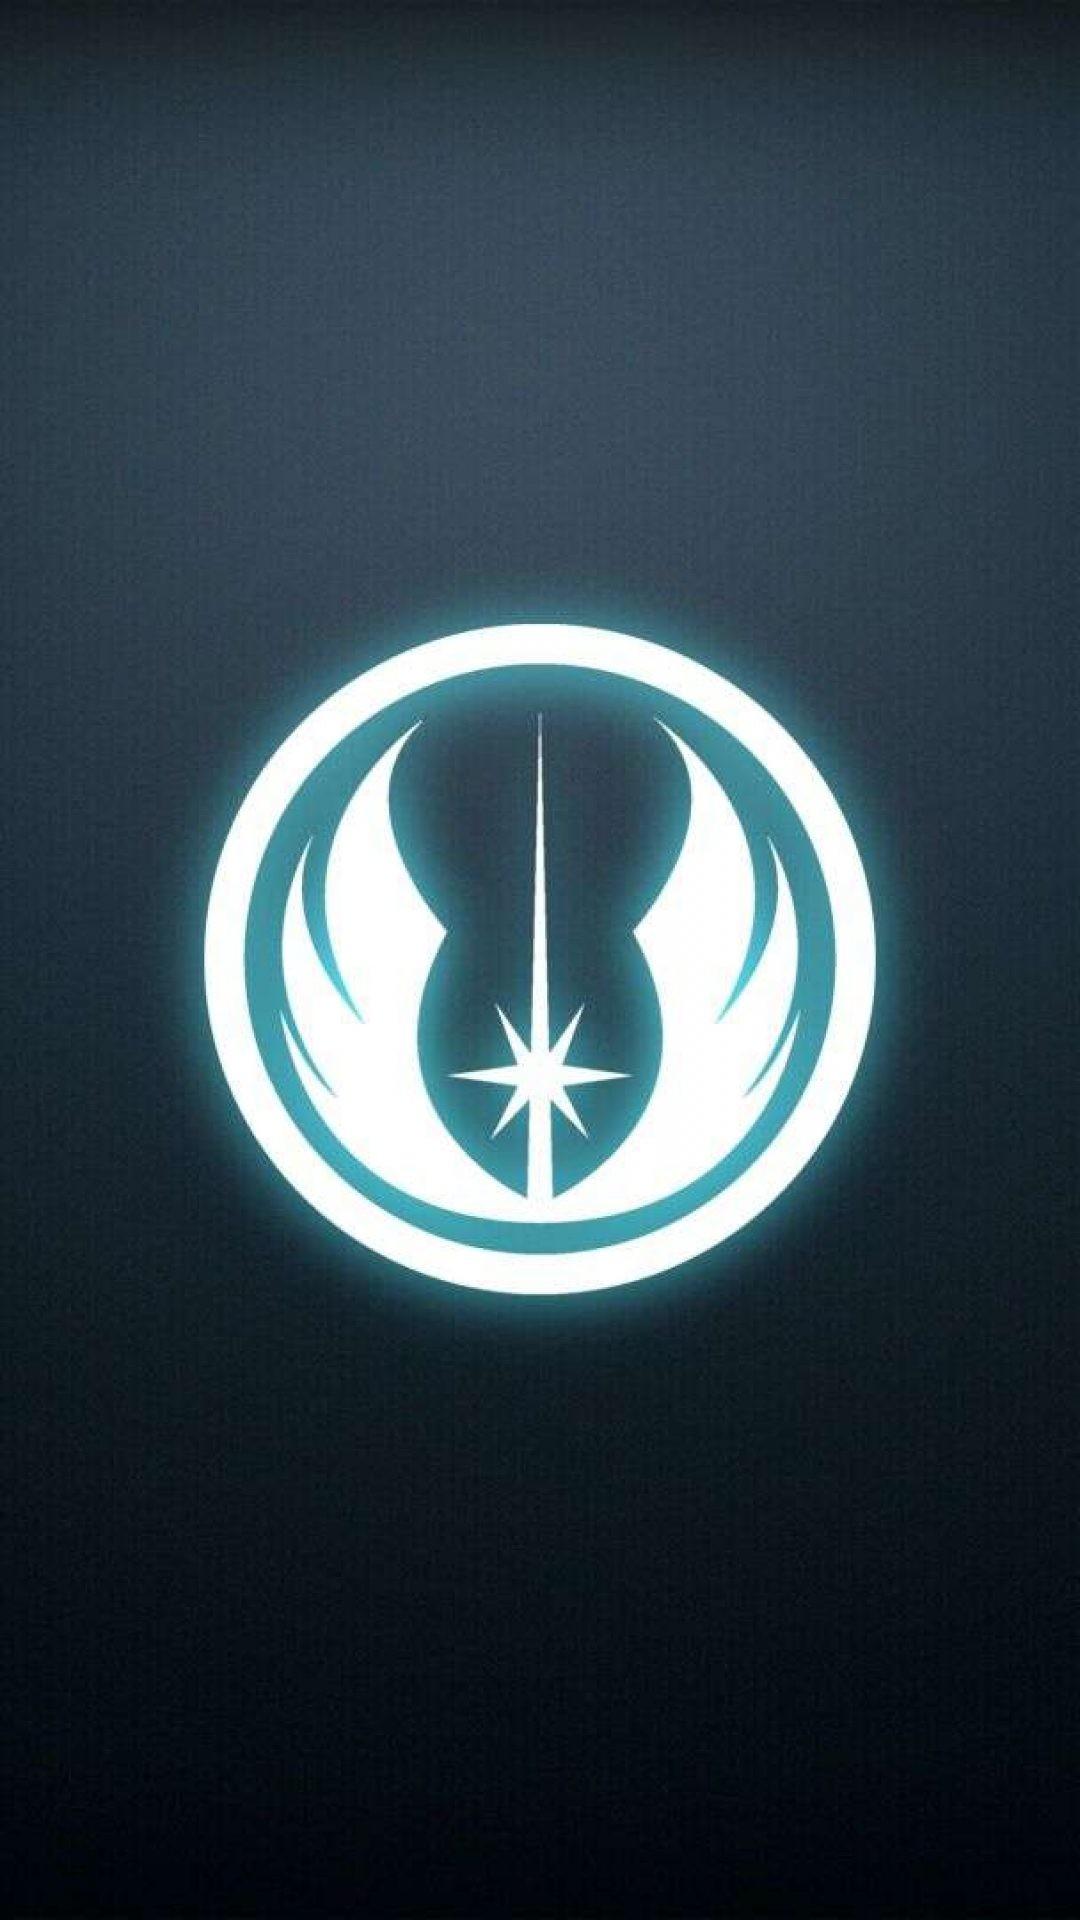 star wars jedi symbol wallpaper